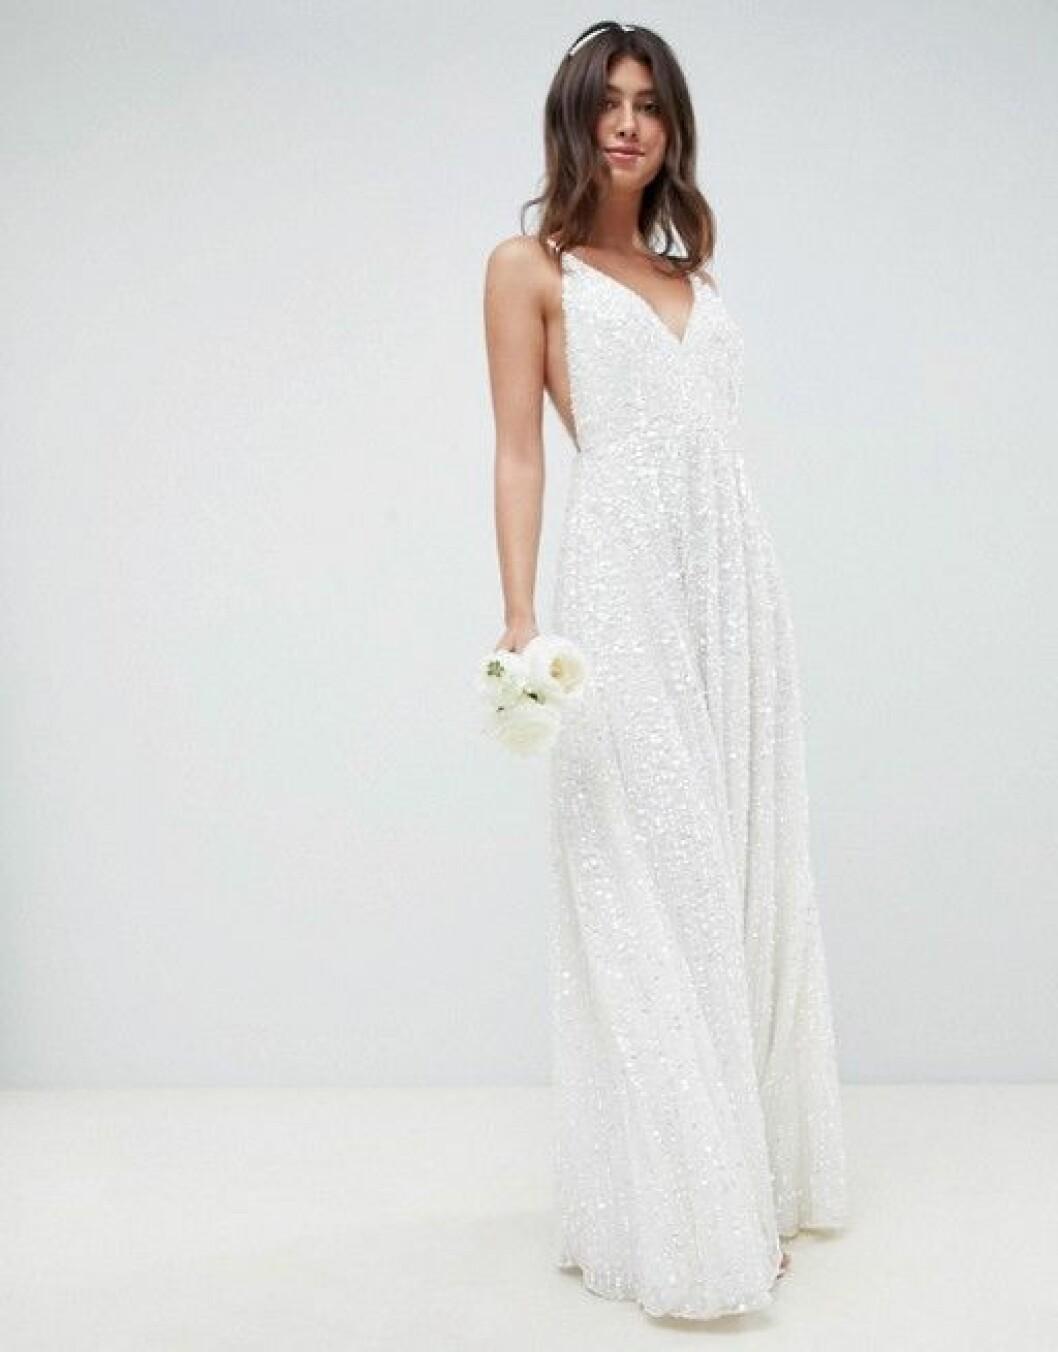 En bild på en bröllopsklänning med paljetter och smala axelband från Asos.